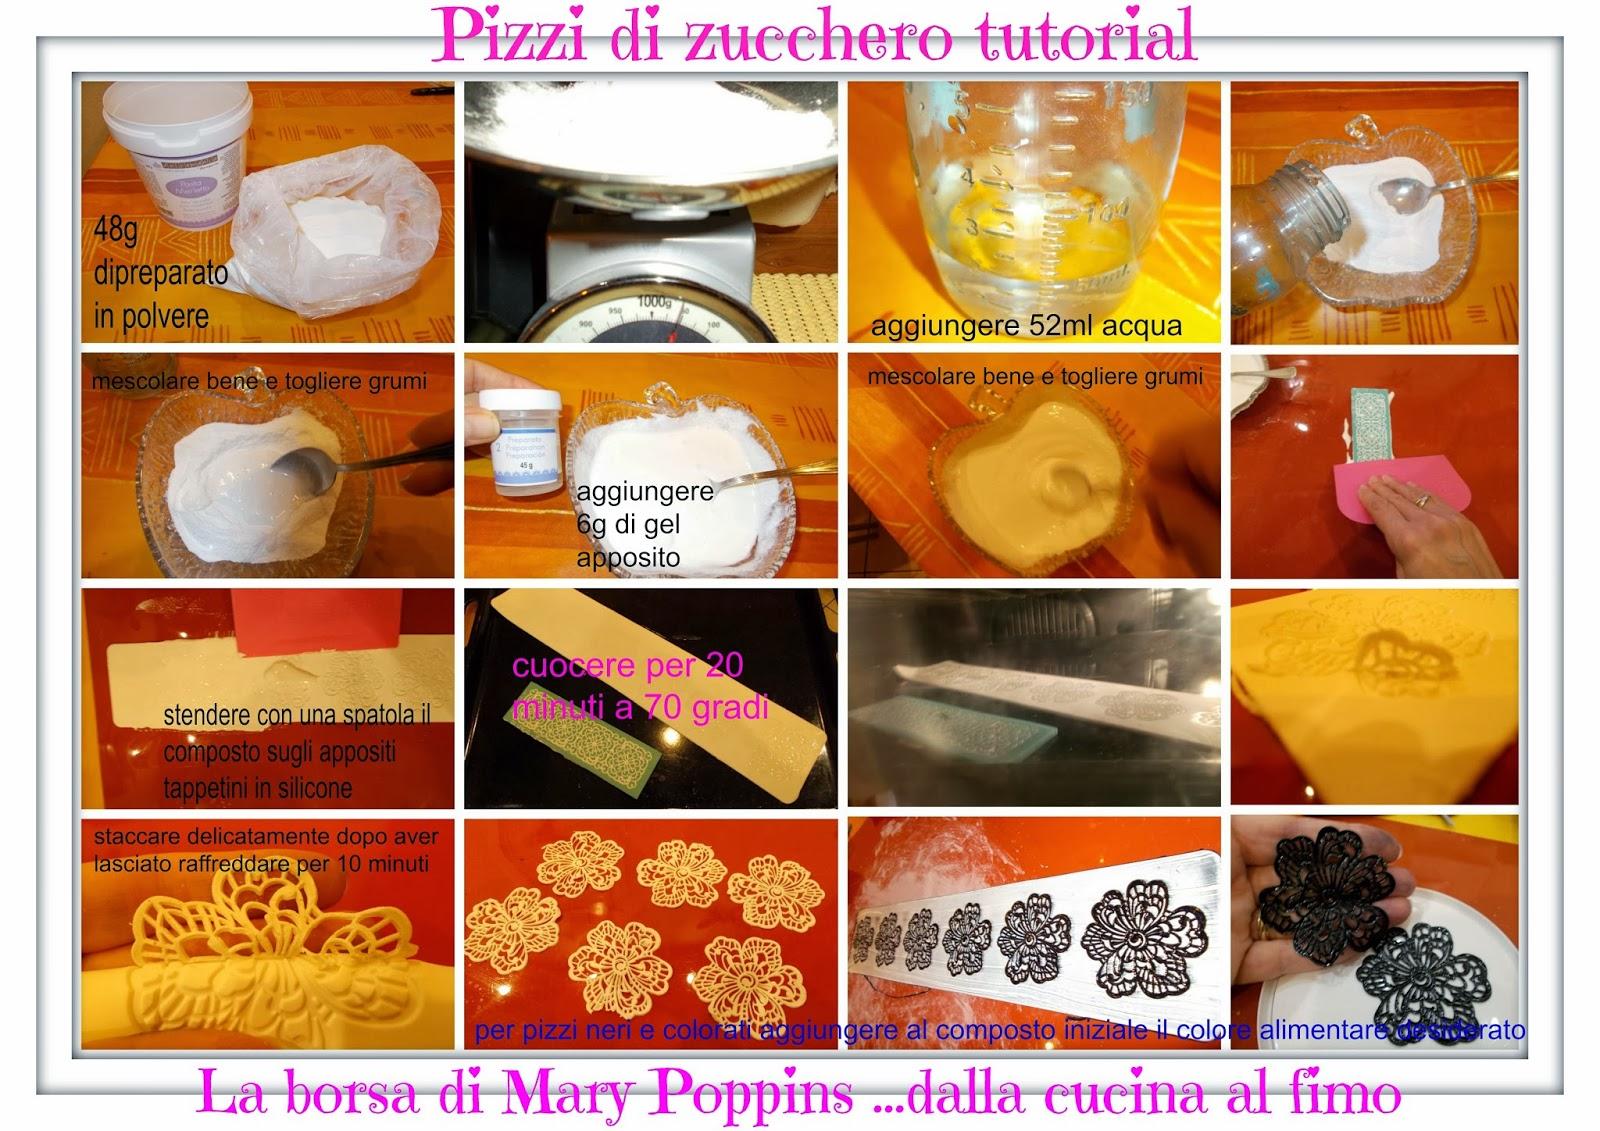 pizzi e merletti in pasta di zucchero - tutorial -